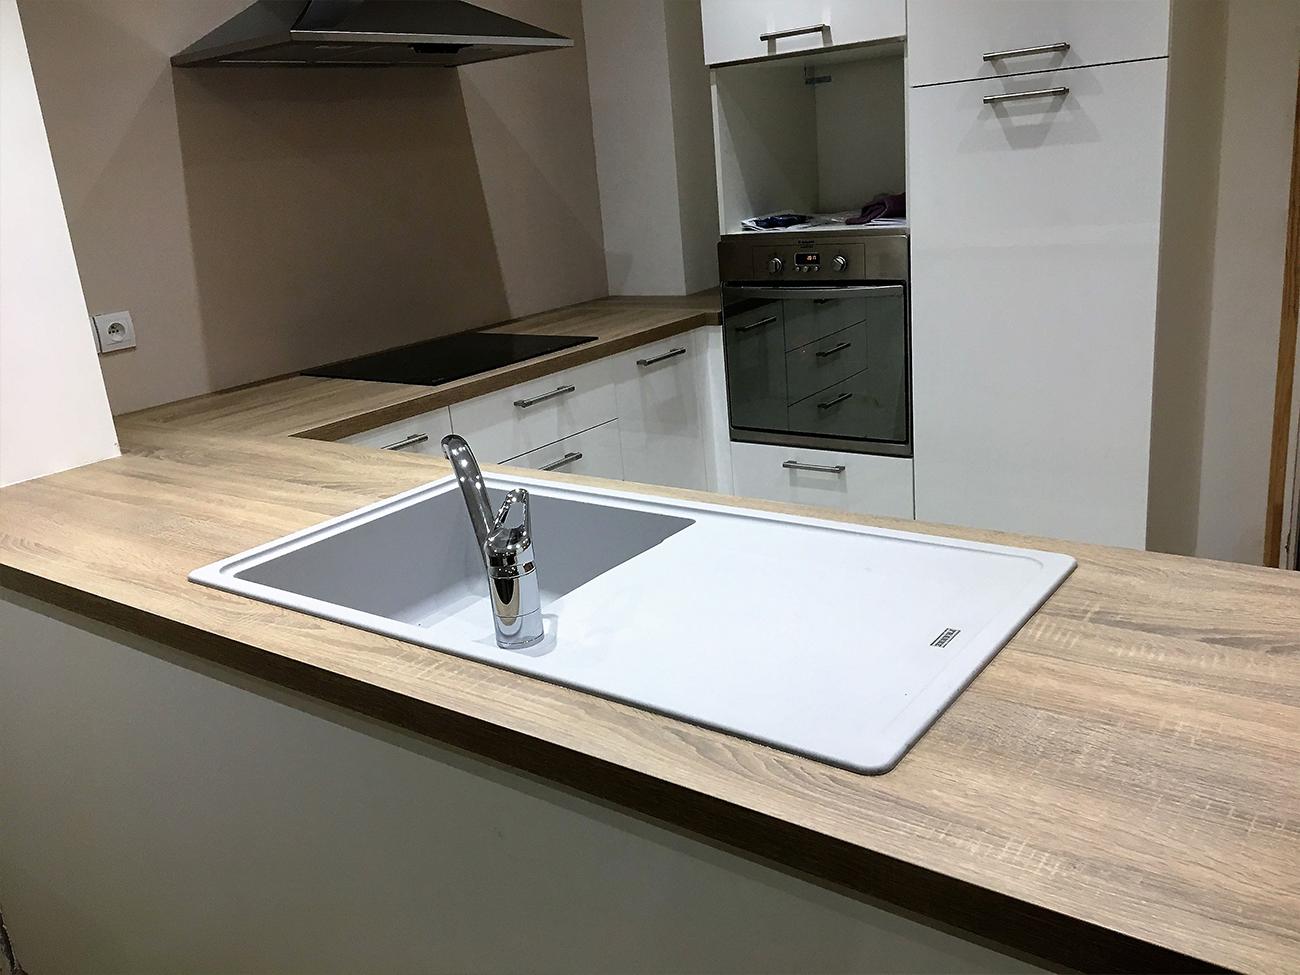 installation d'une cuisine équipée à arras - kubbe cuisine arras - Installateur De Cuisine Equipee